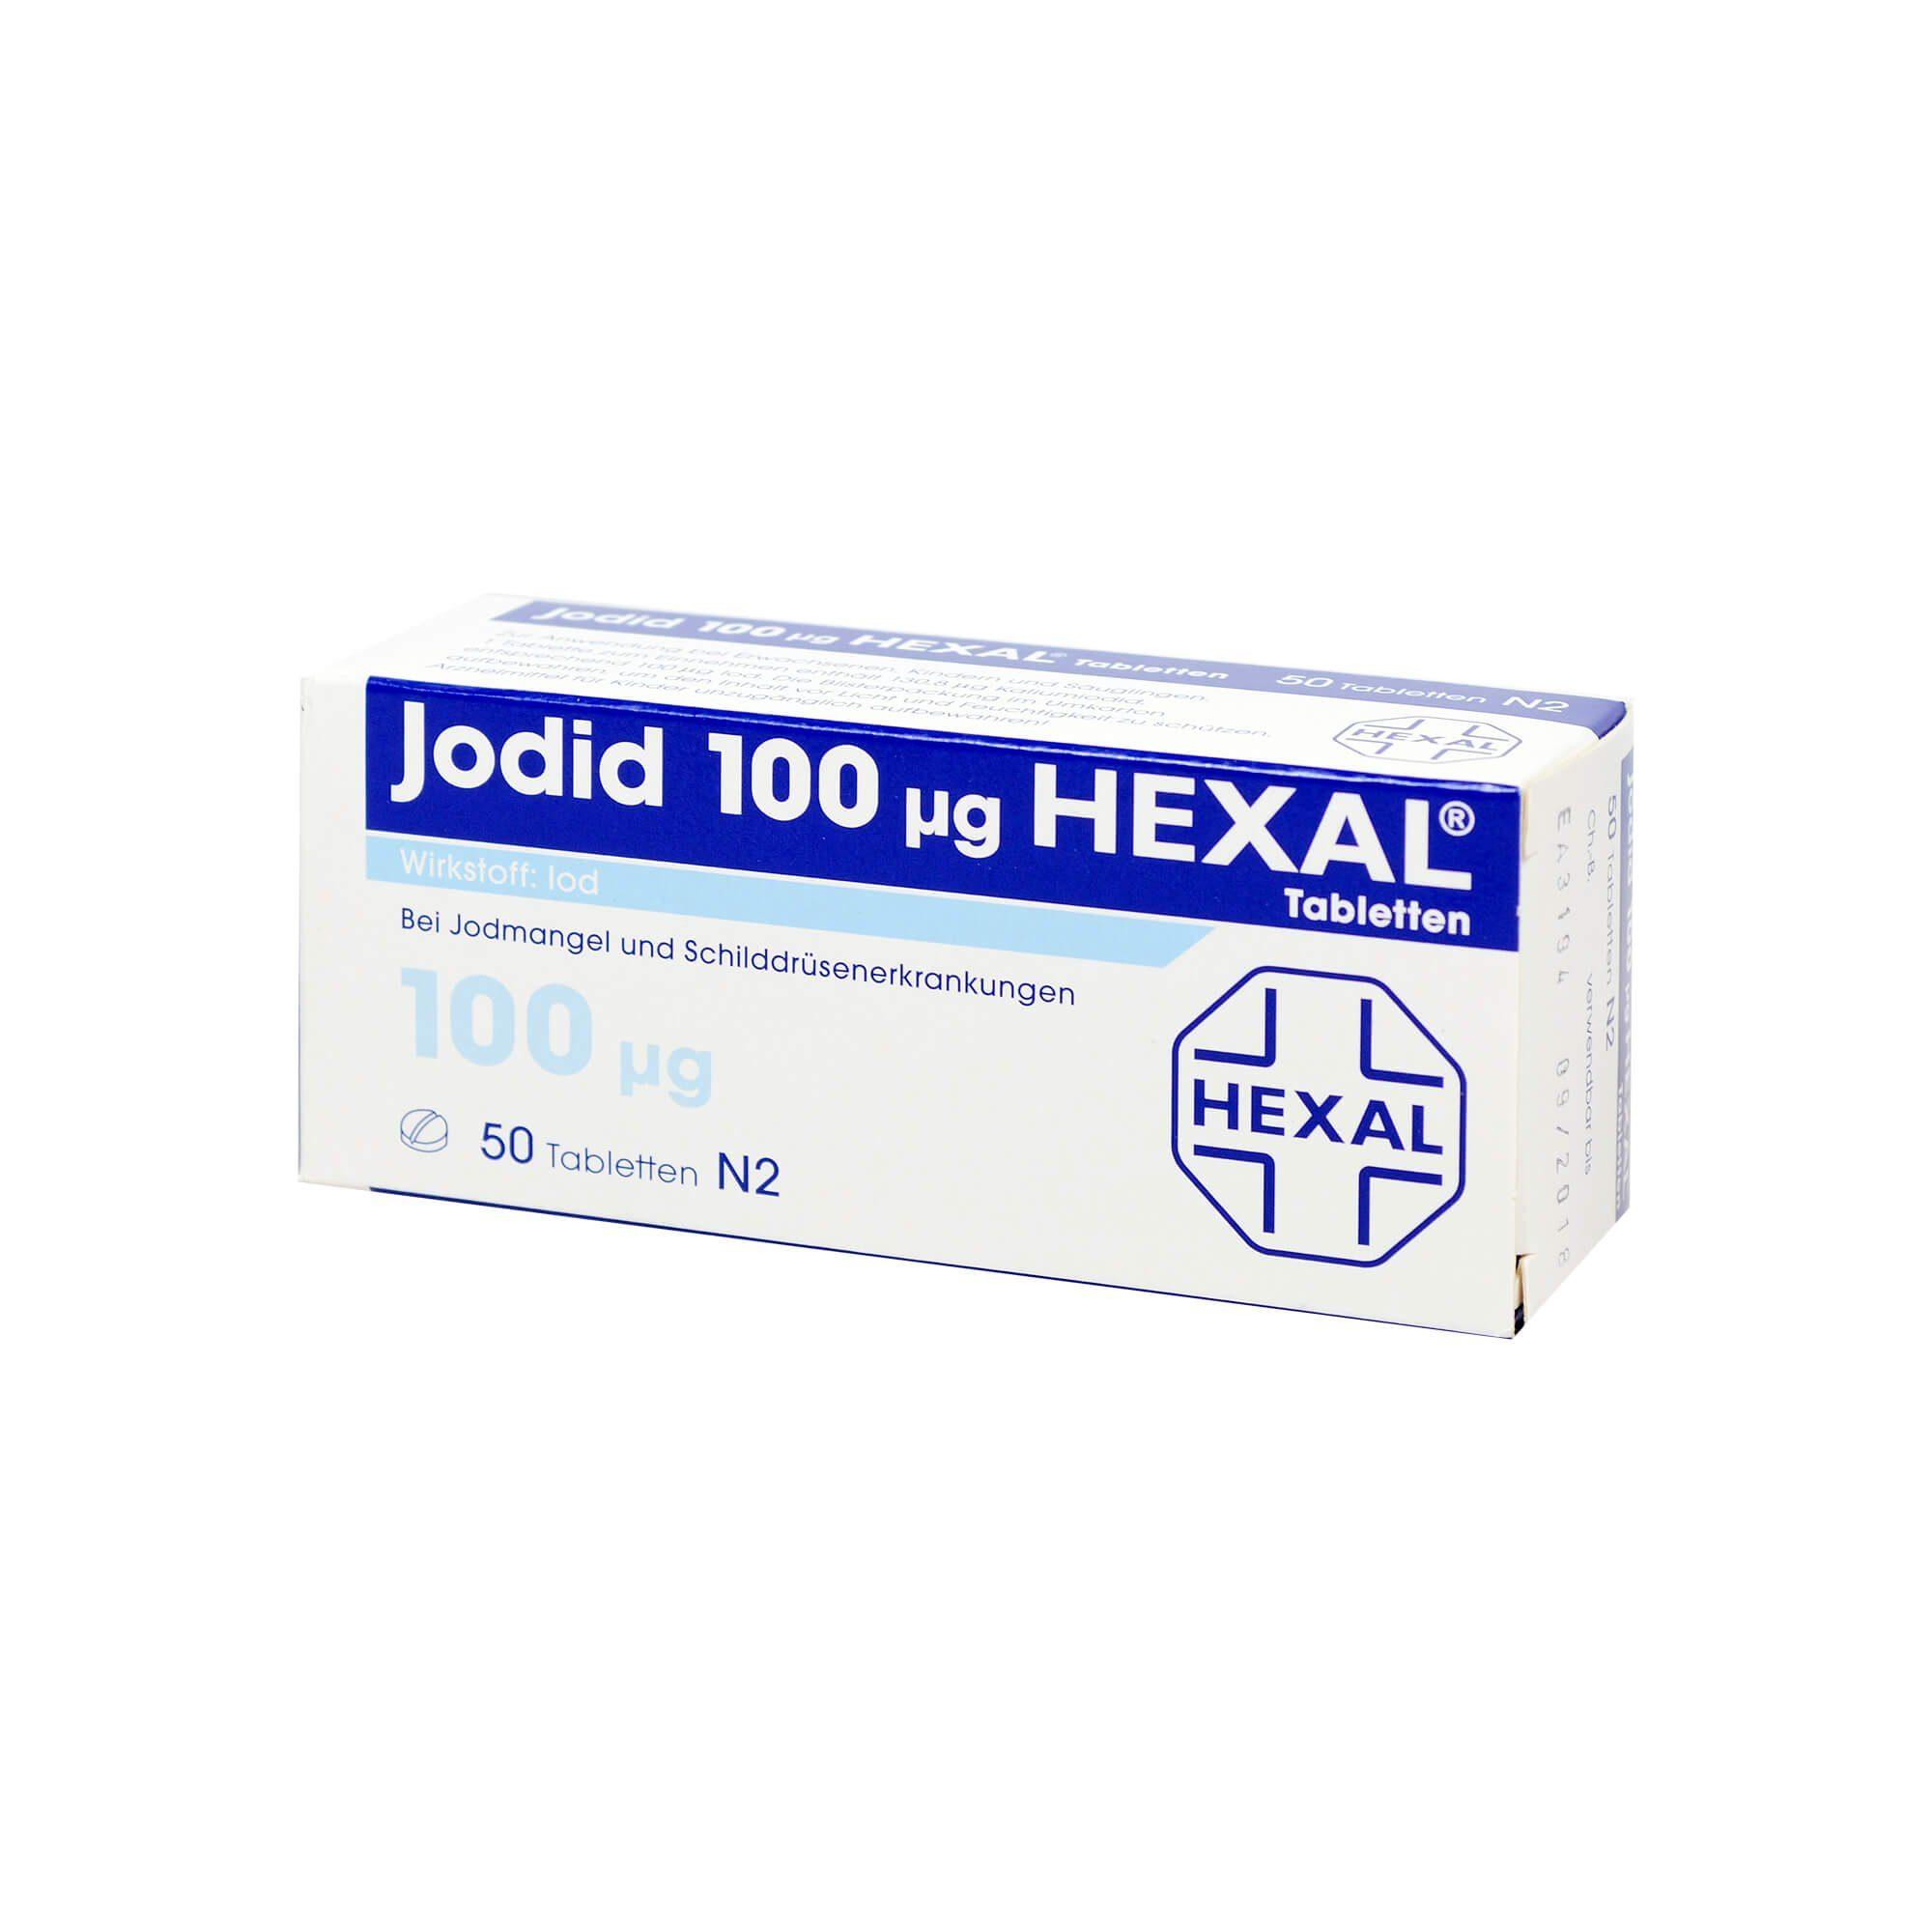 Jodid 100 Hexal, 50 St